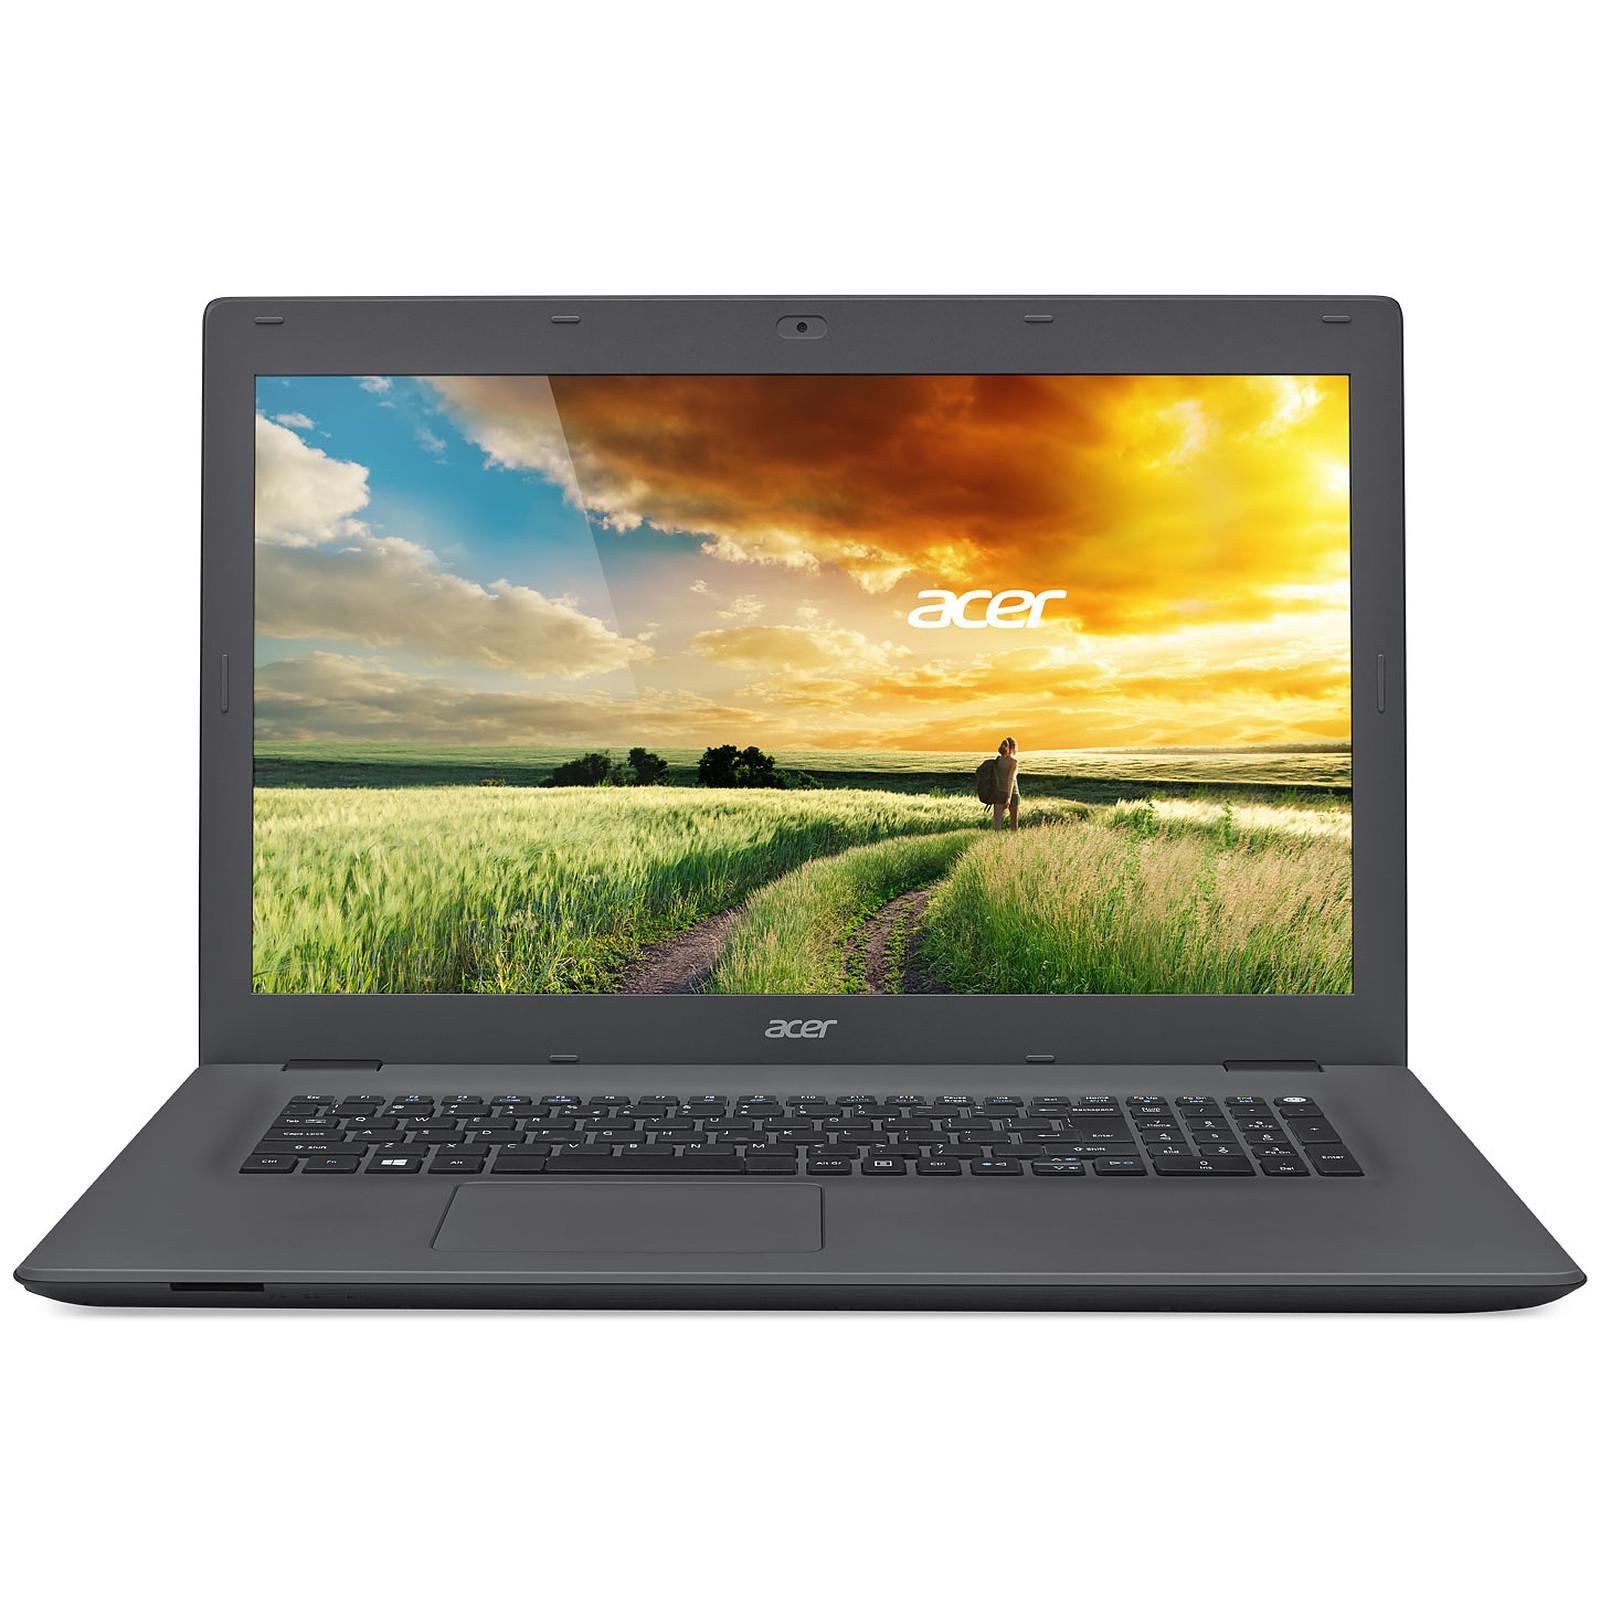 Acer Aspire E5-772-37GT